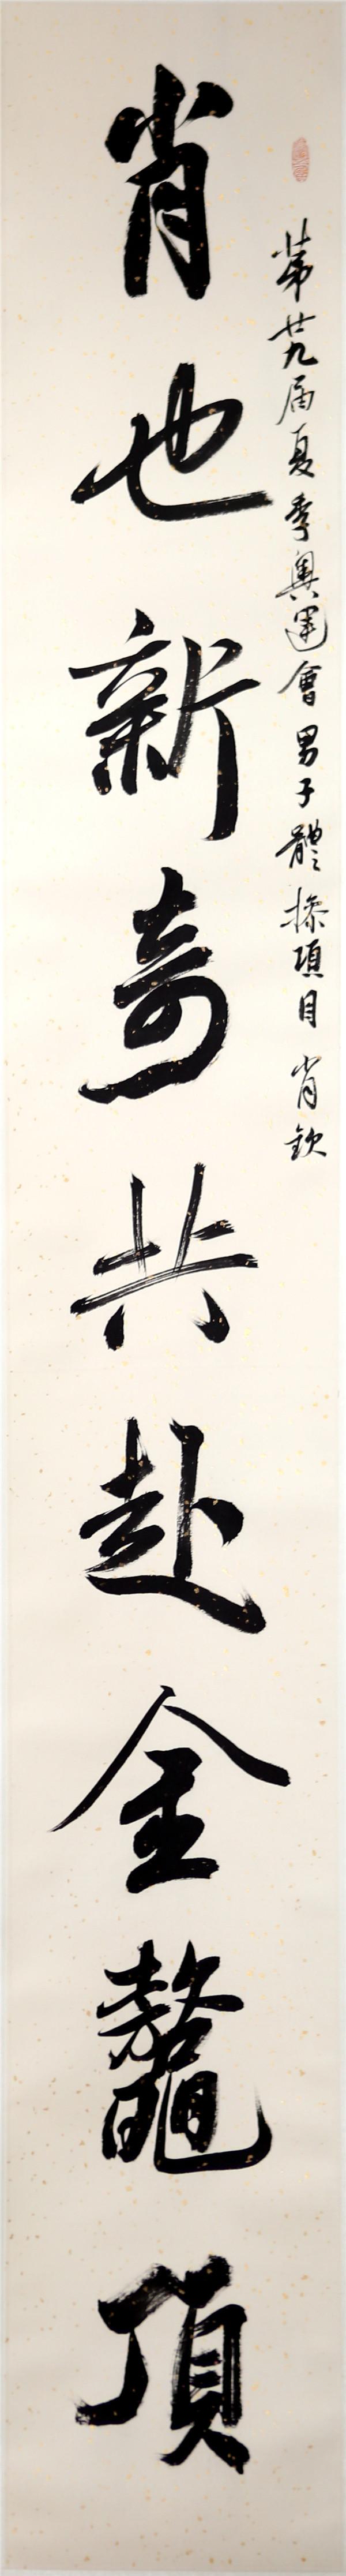 序号353,书录徐俊杰为江苏奥运冠军肖钦嵌名联